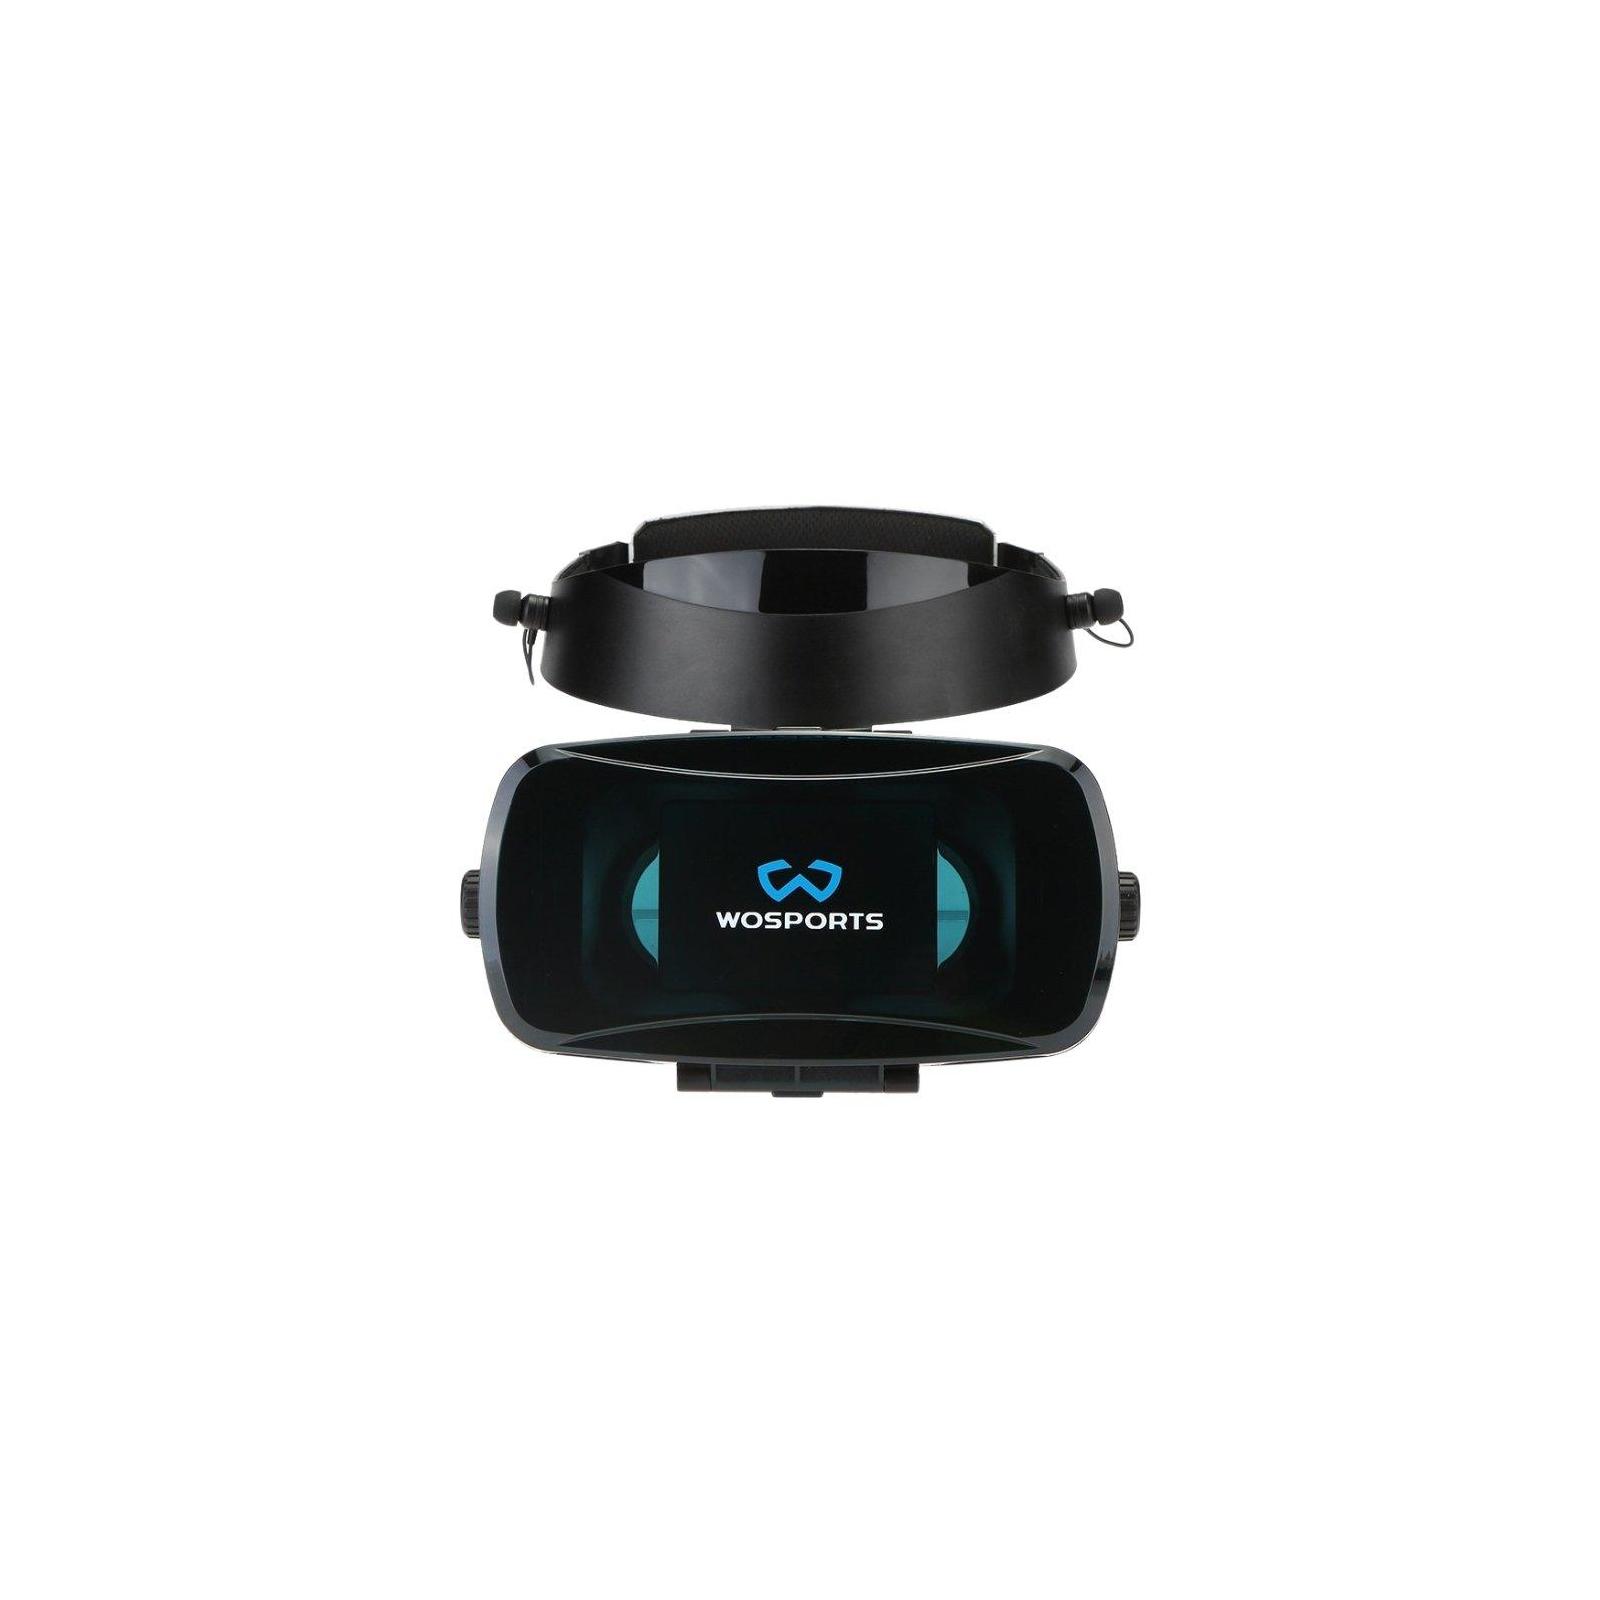 Окуляри віртуальної реальності Wosports VR Glasses (LY-89) зображення 2 0599abee30d68